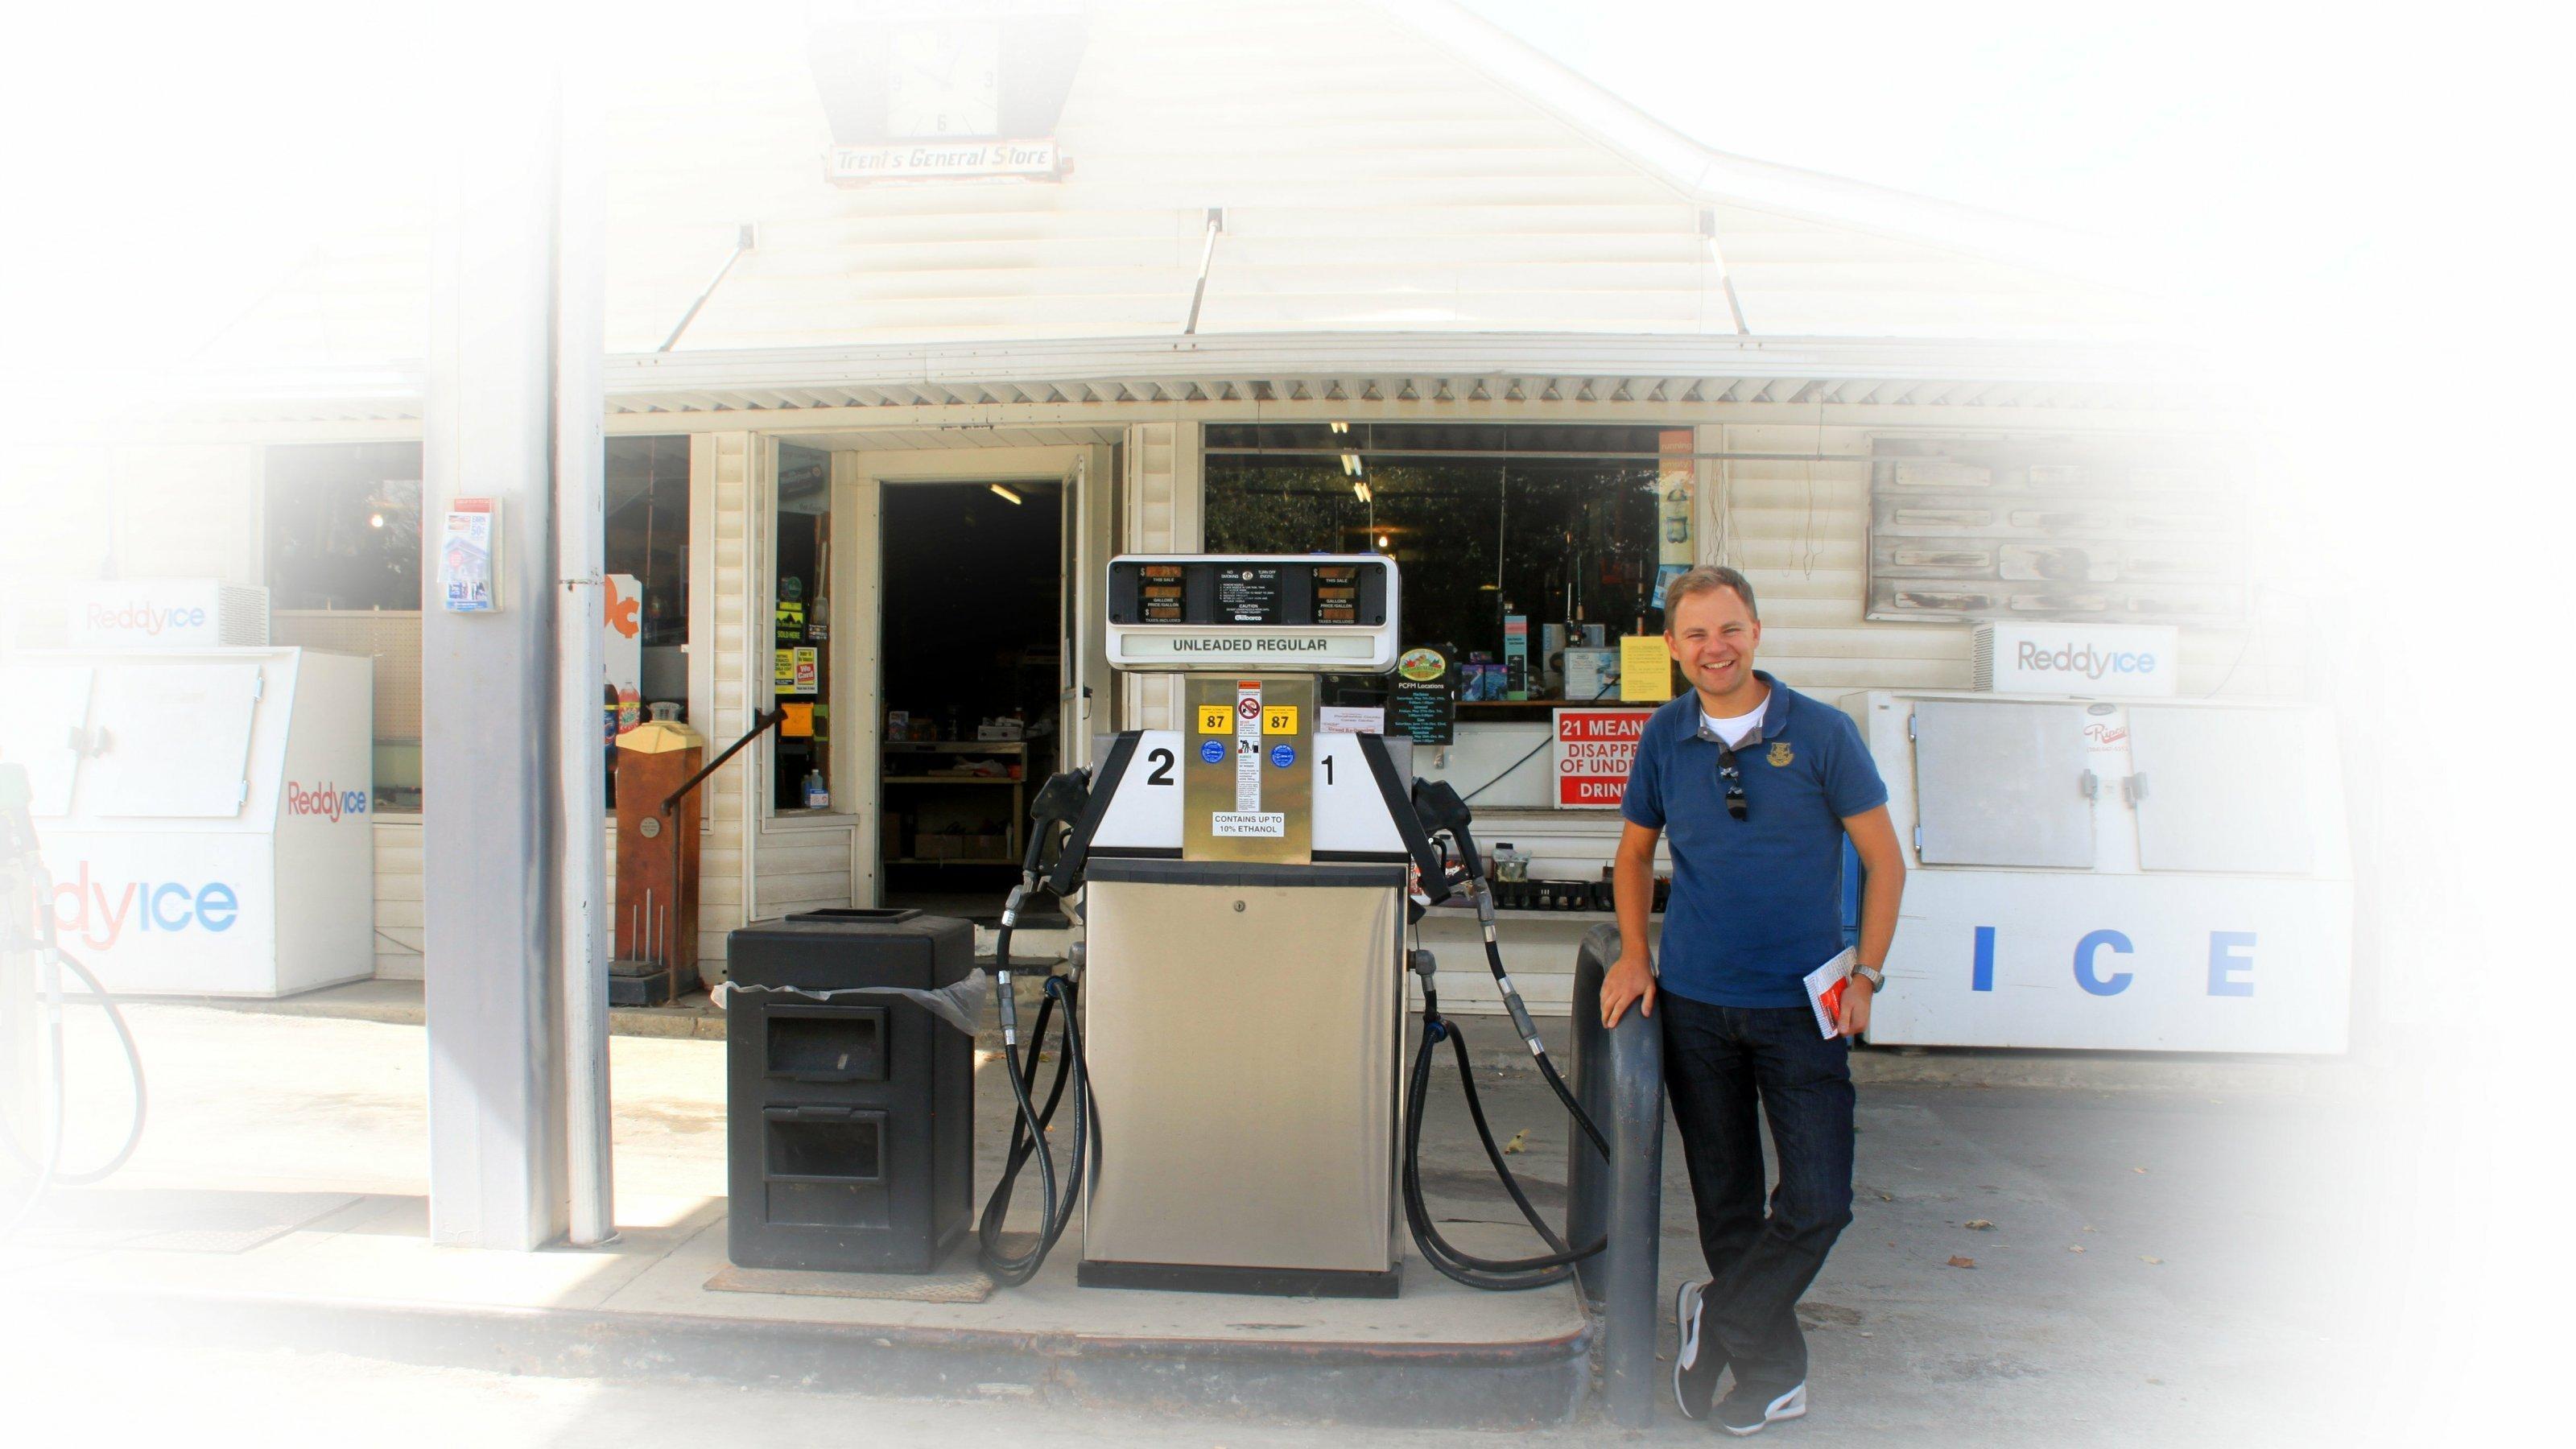 Ein junger Mann steht vor einer Tankstelle